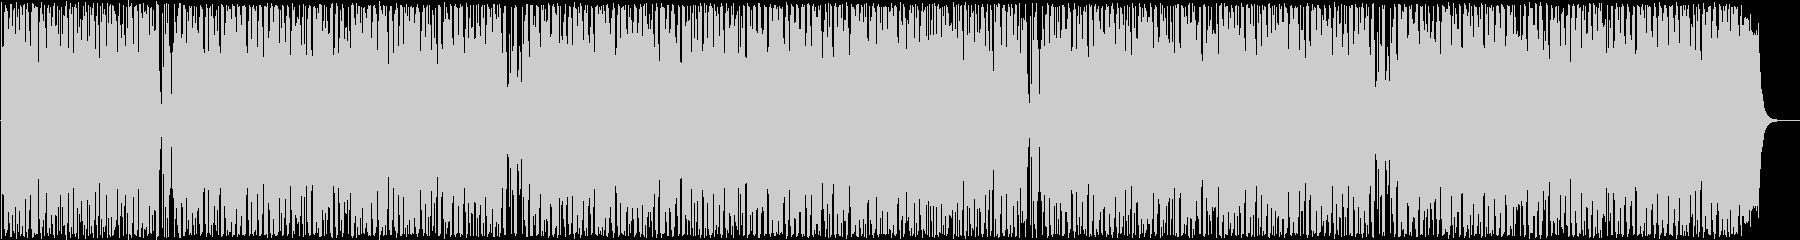 はじける感じのシンセ・打楽器サウンドの未再生の波形